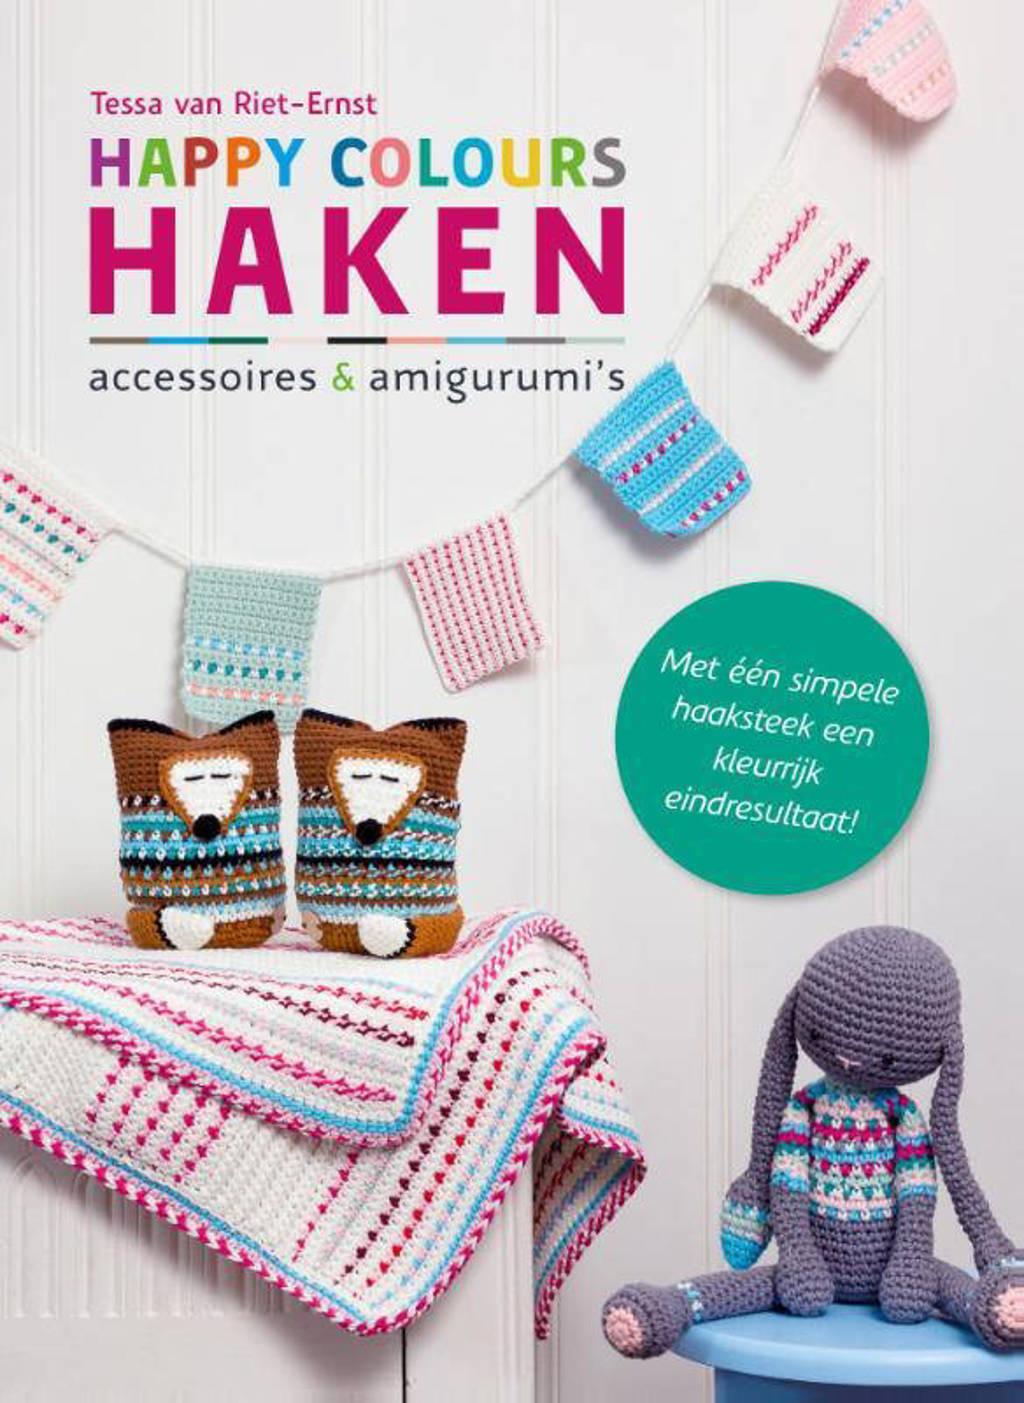 Happy colours haken - Tessa van Riet-Ernst